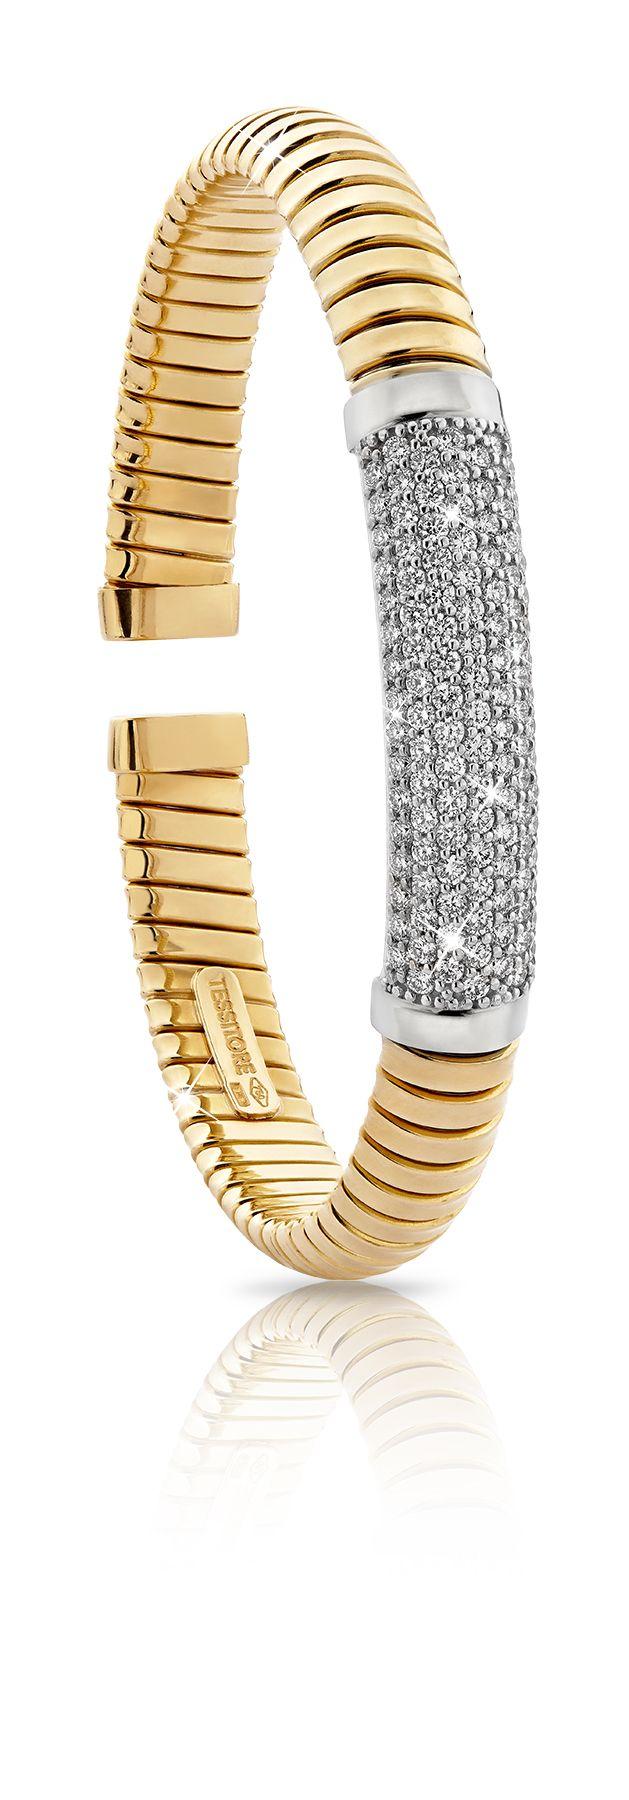 Braccialetto in oro giallo e diamanti